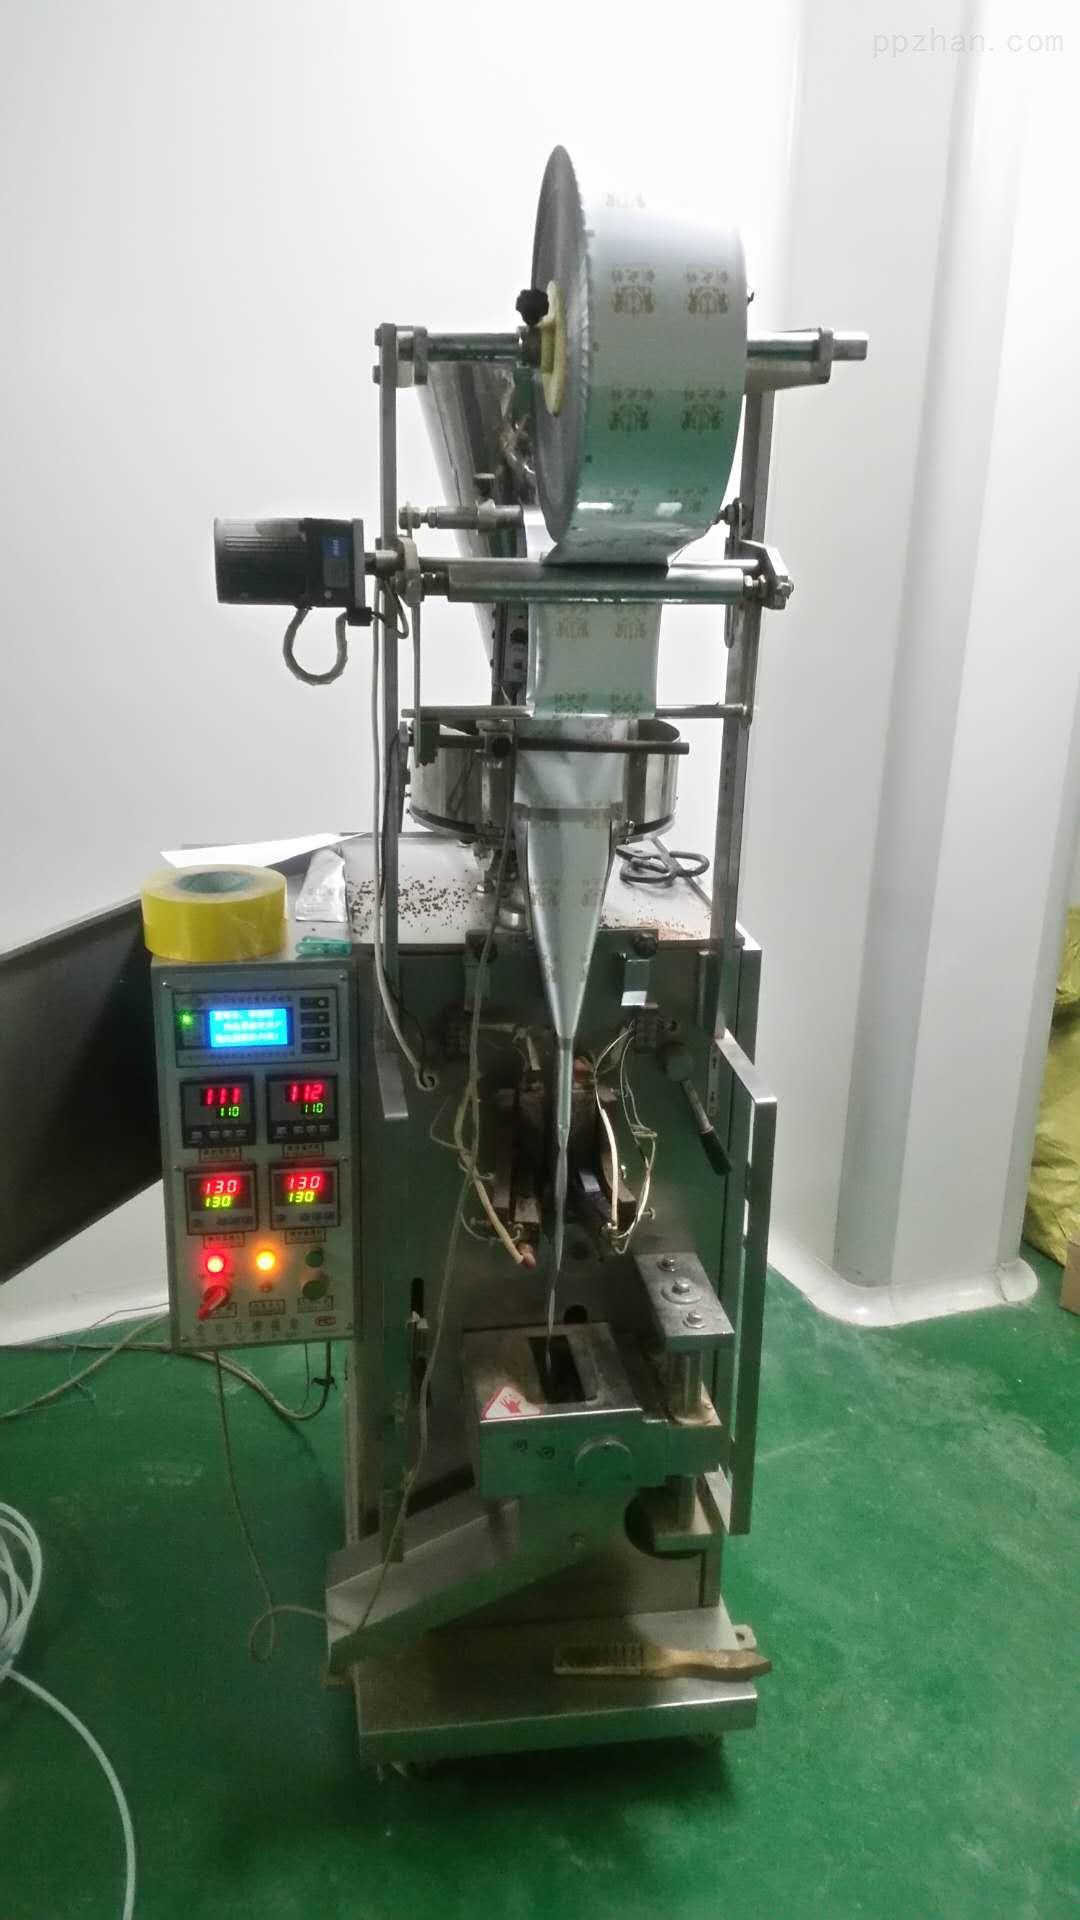 干料调味品沃发机械颗粒皇冠hg1717 官方网站机